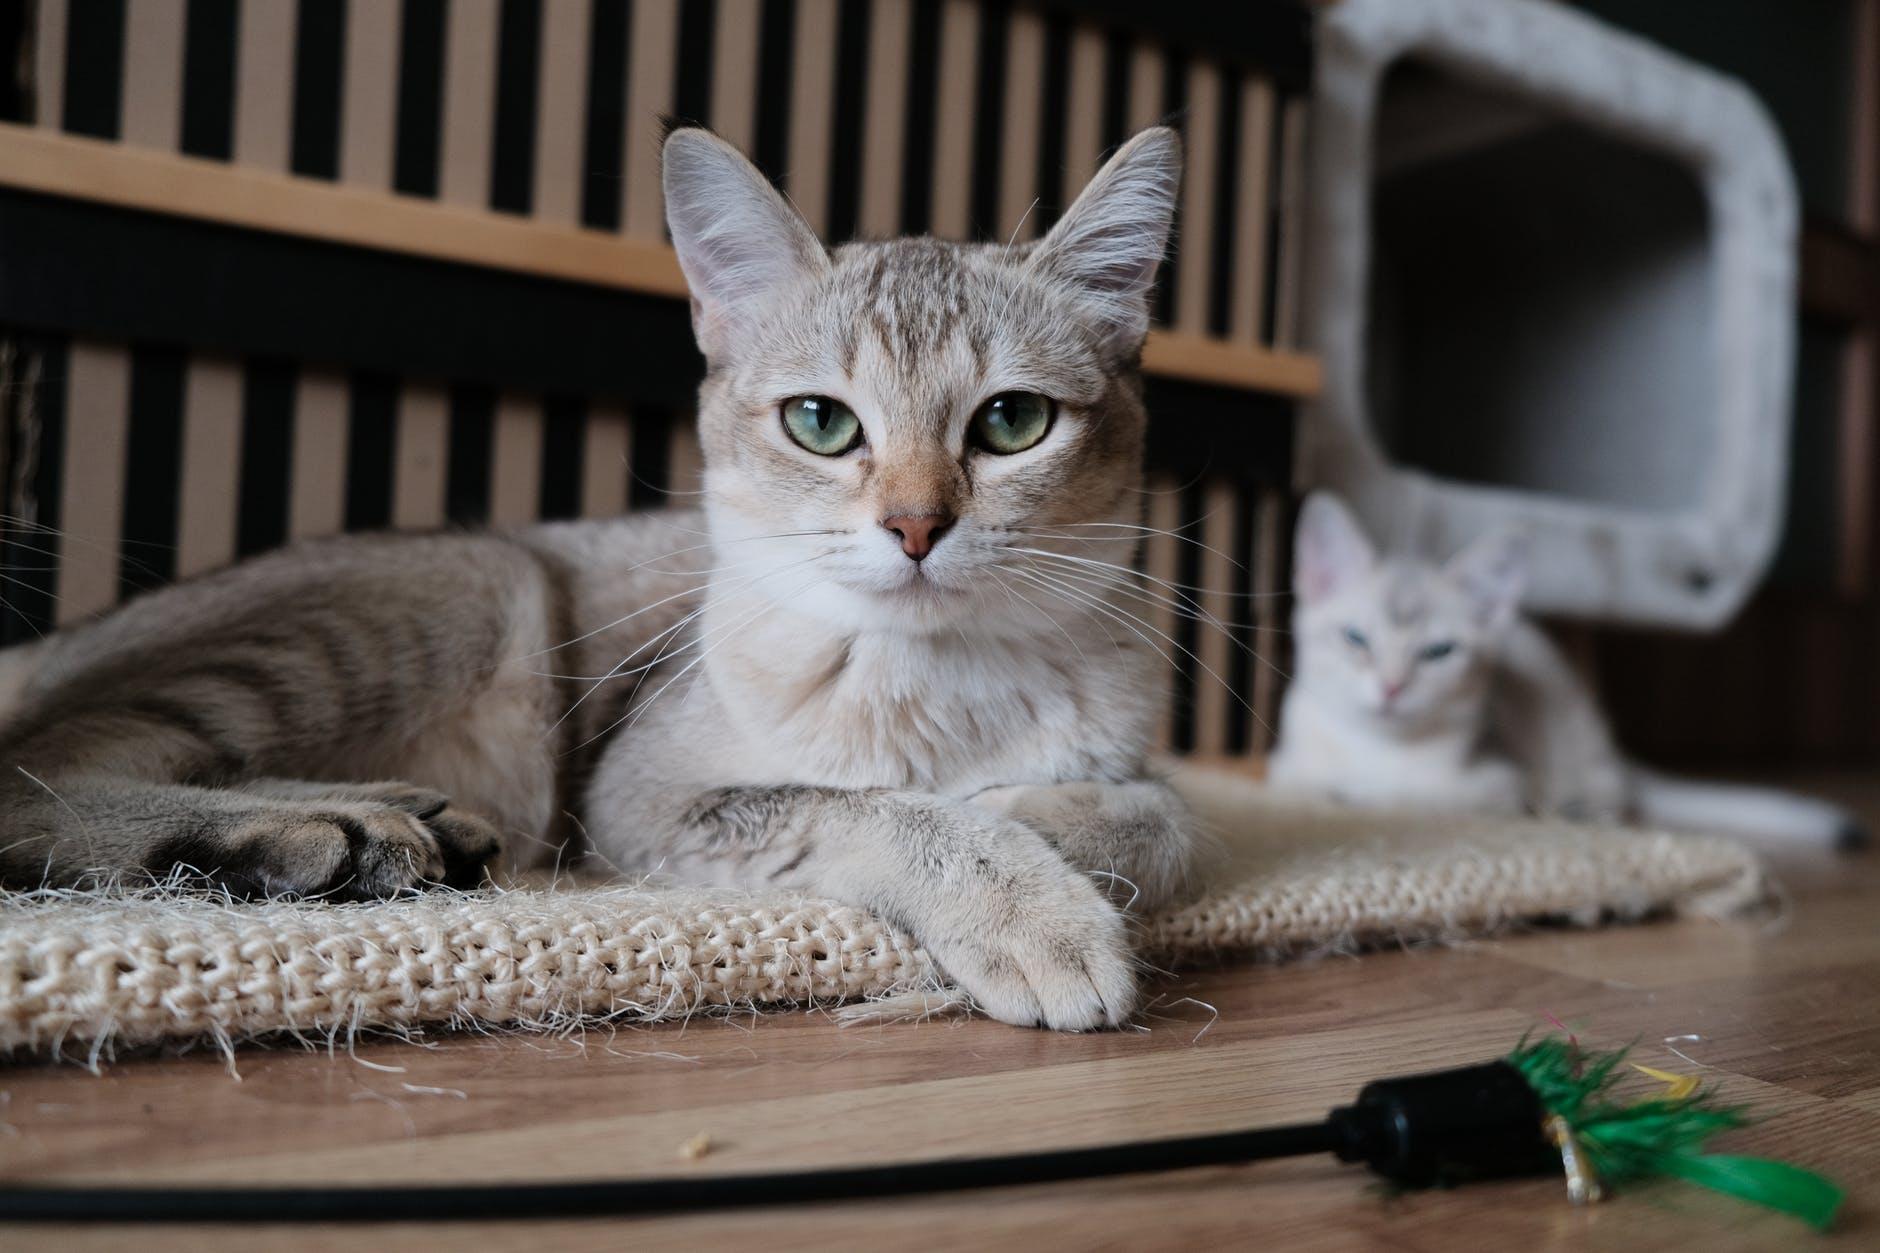 工程師發明人工智慧貓窩,讓流浪貓吃得飽住得暖!(下)